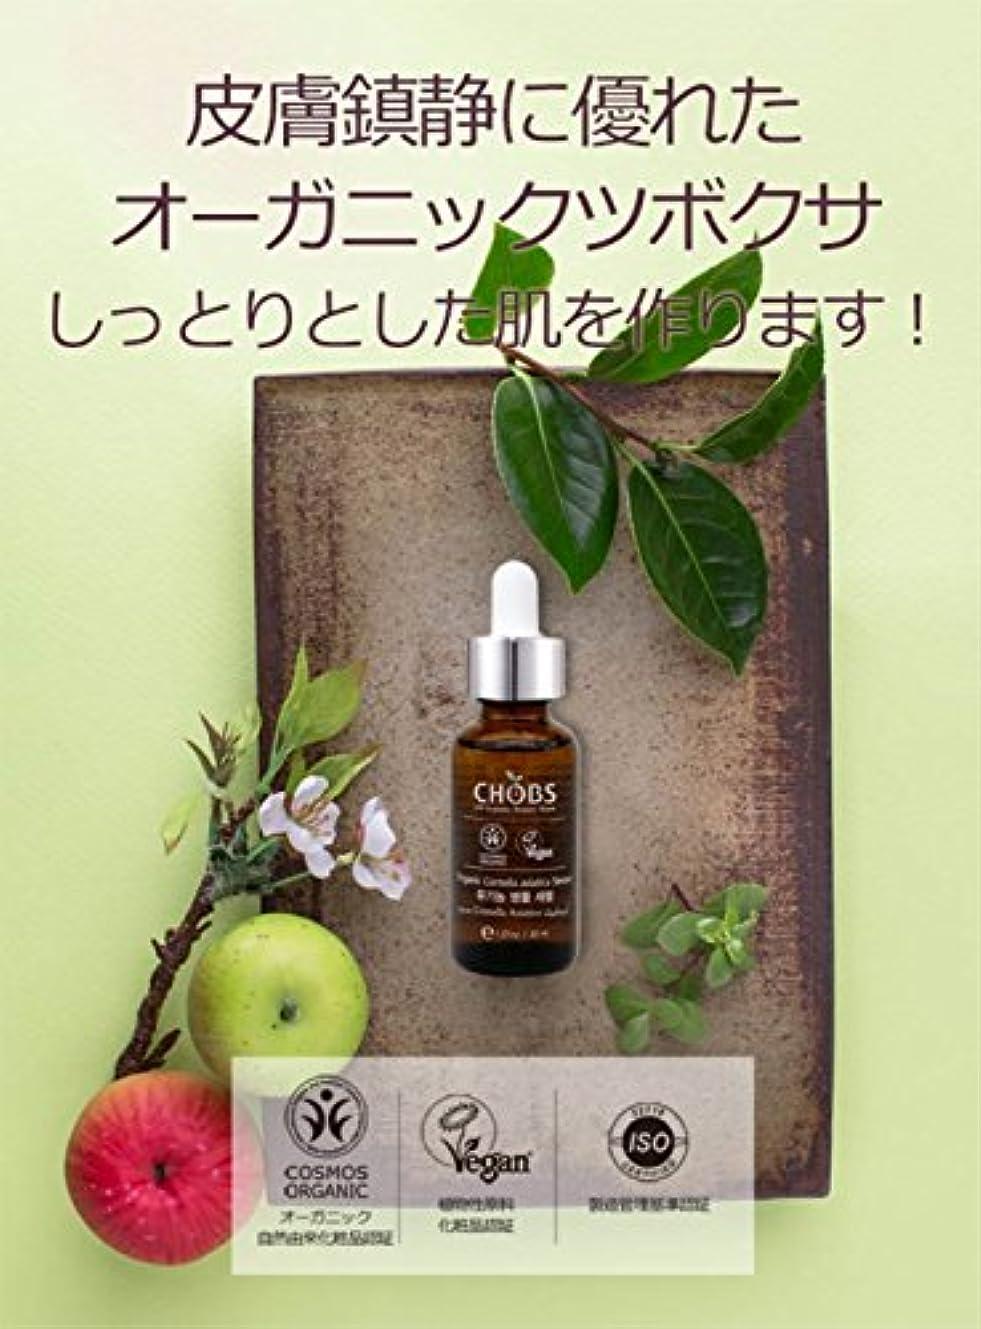 誠実さ分解する残り物オーガニック ツボクサセラム 天然化粧品 韓国コスメ 保湿